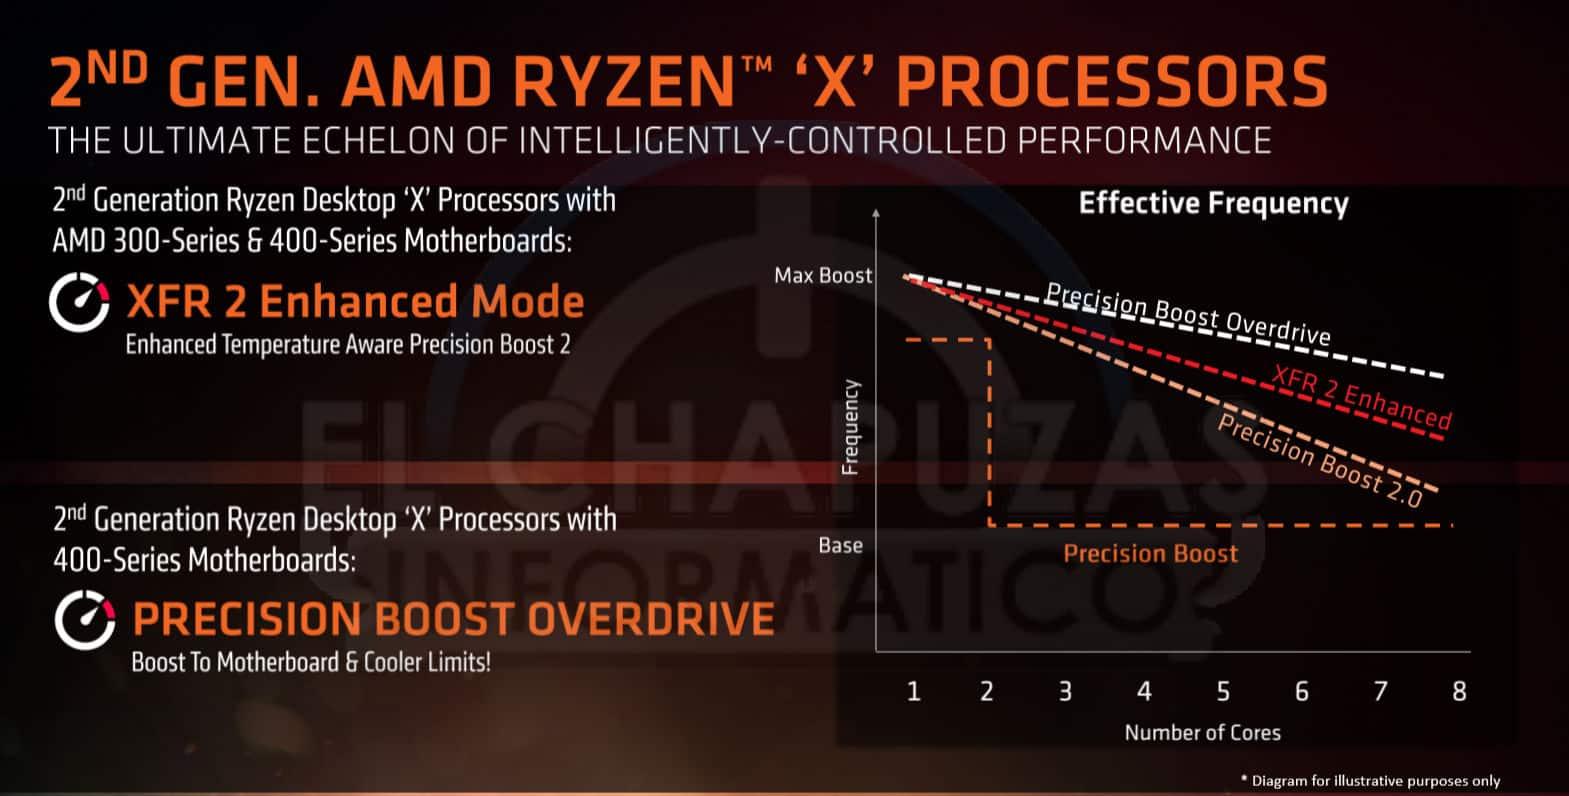 AMD Ryzen 2000 tecnologias 3 - AMD Ryzen 2000 - Benchmark, prezzi e data d'uscita